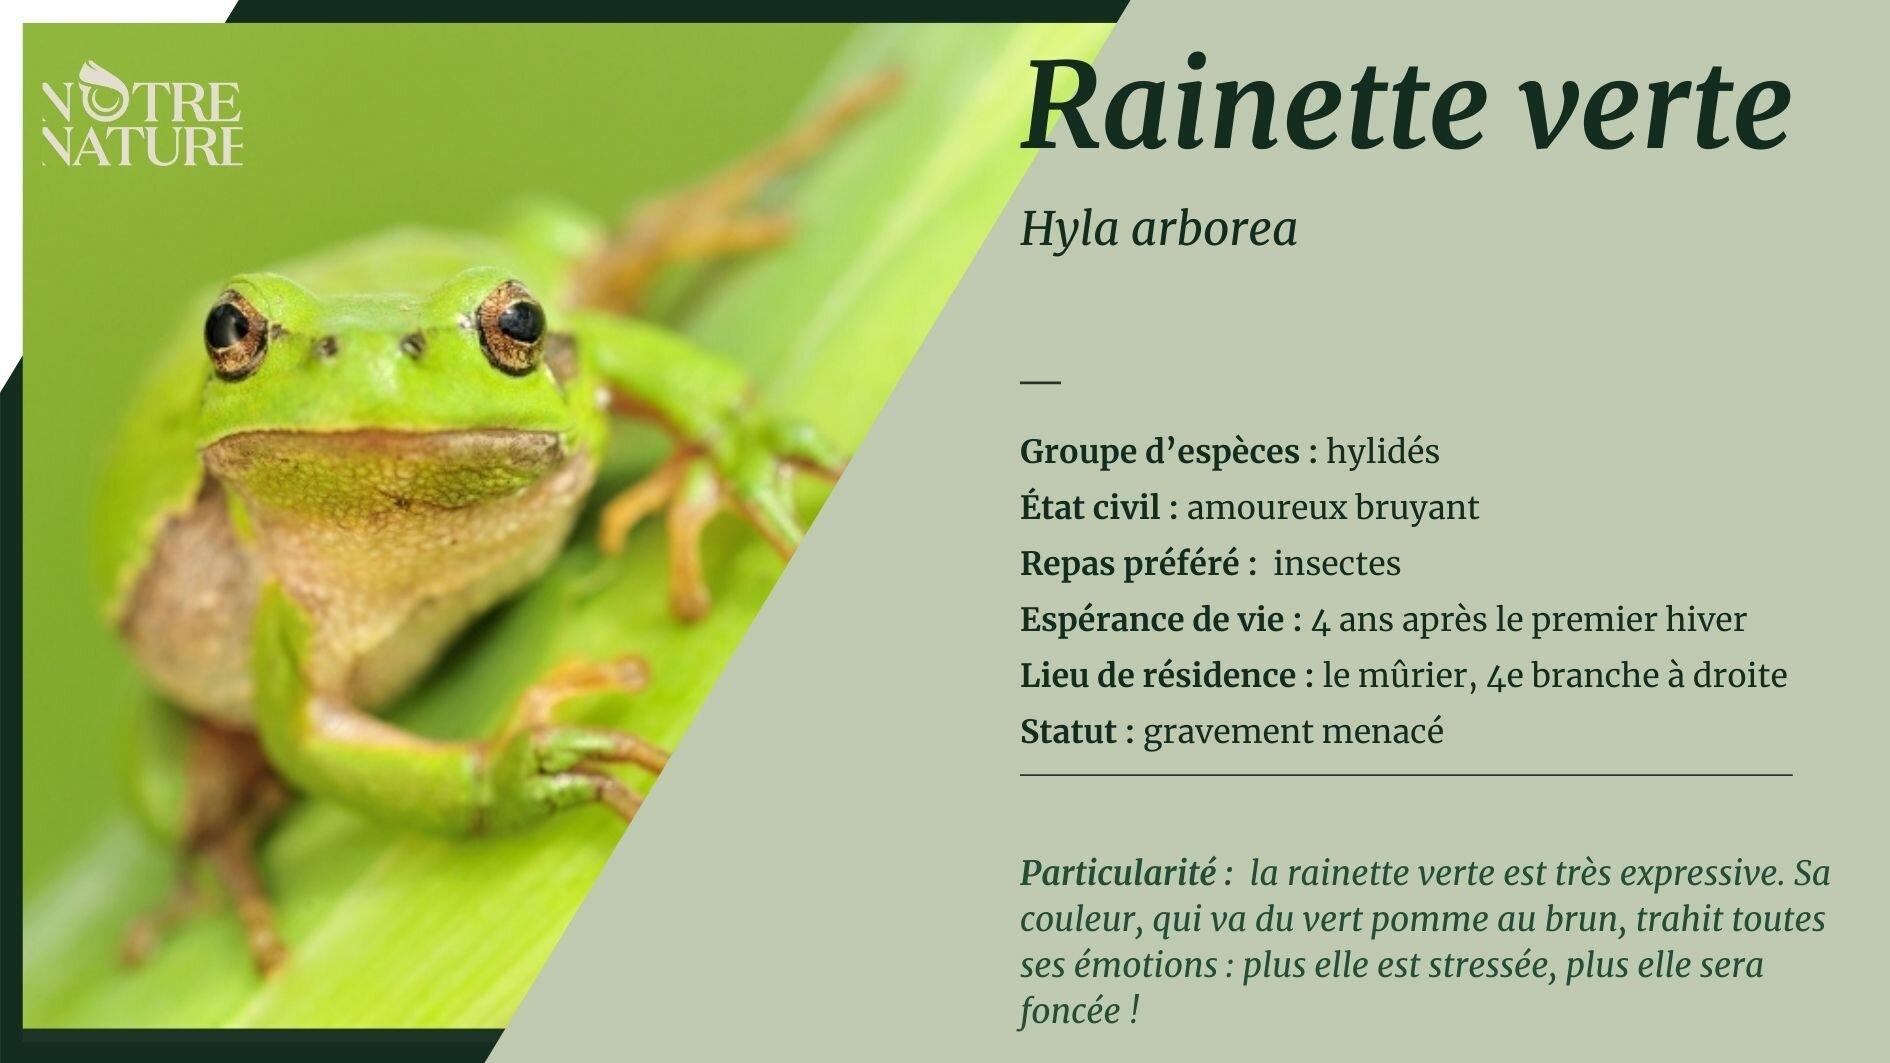 Tout sur la rainette verte